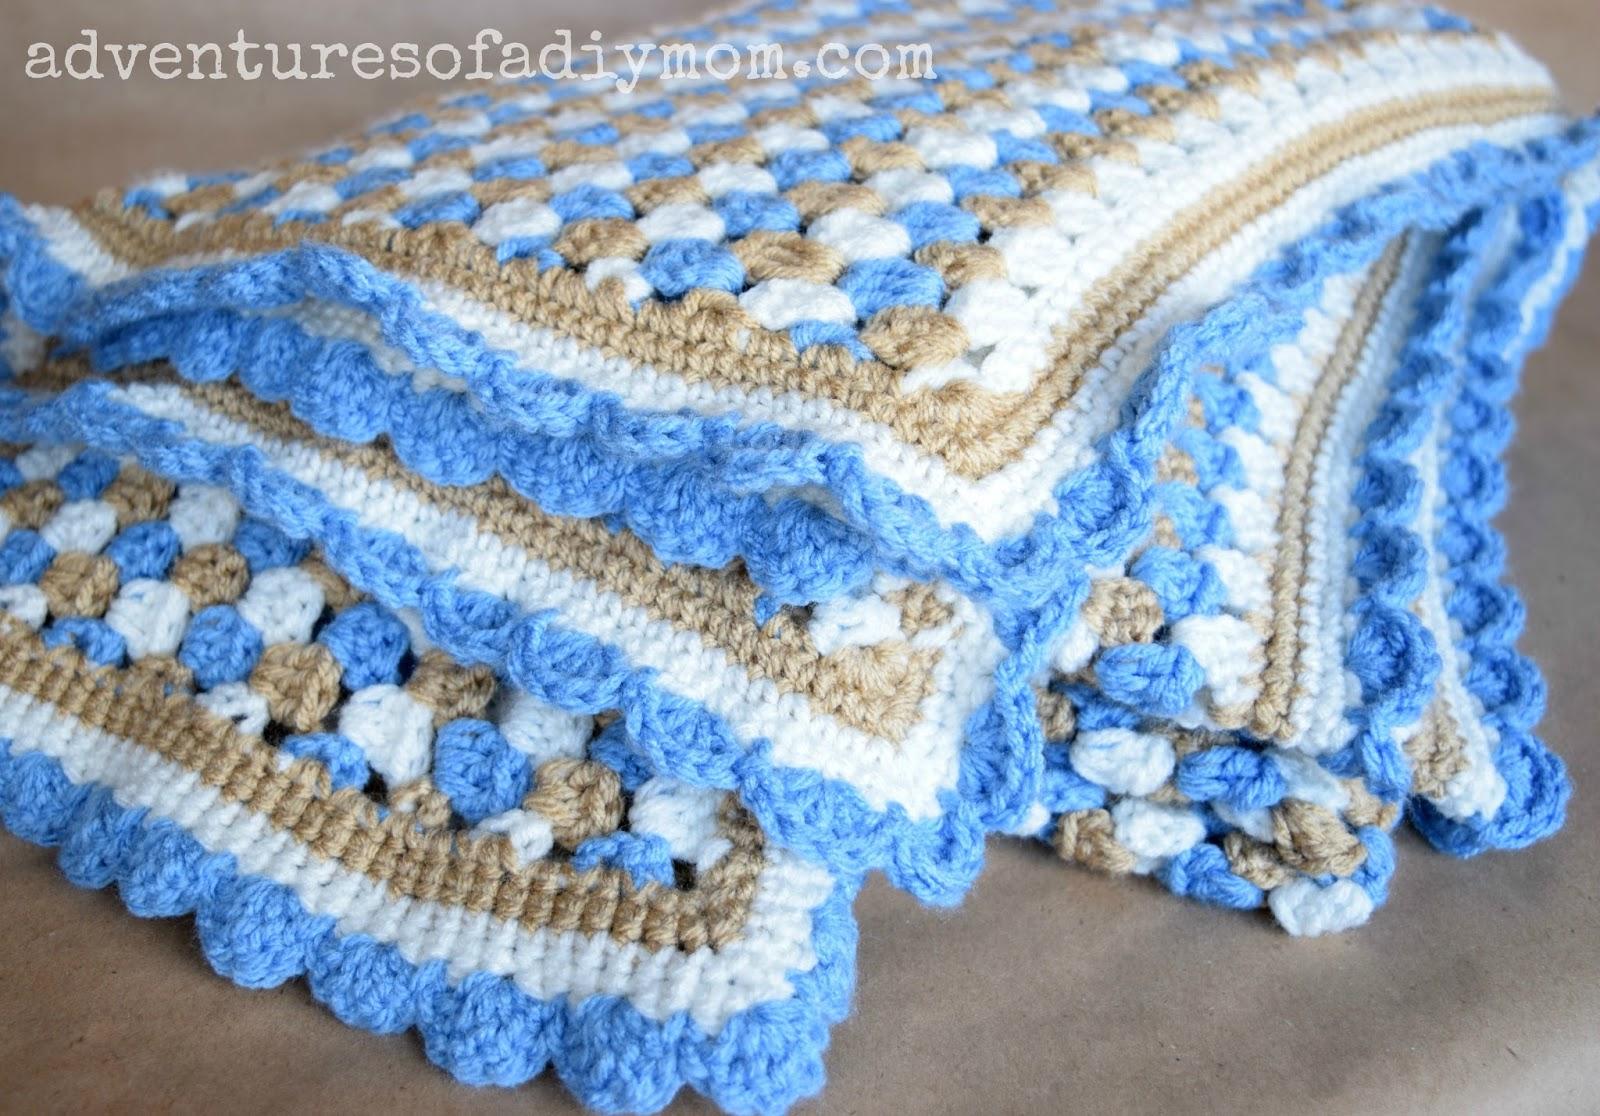 Crochet Pattern For Granny Stripe Baby Blanket : Granny Stripe Crocheted Blanket - Adventures of a DIY Mom